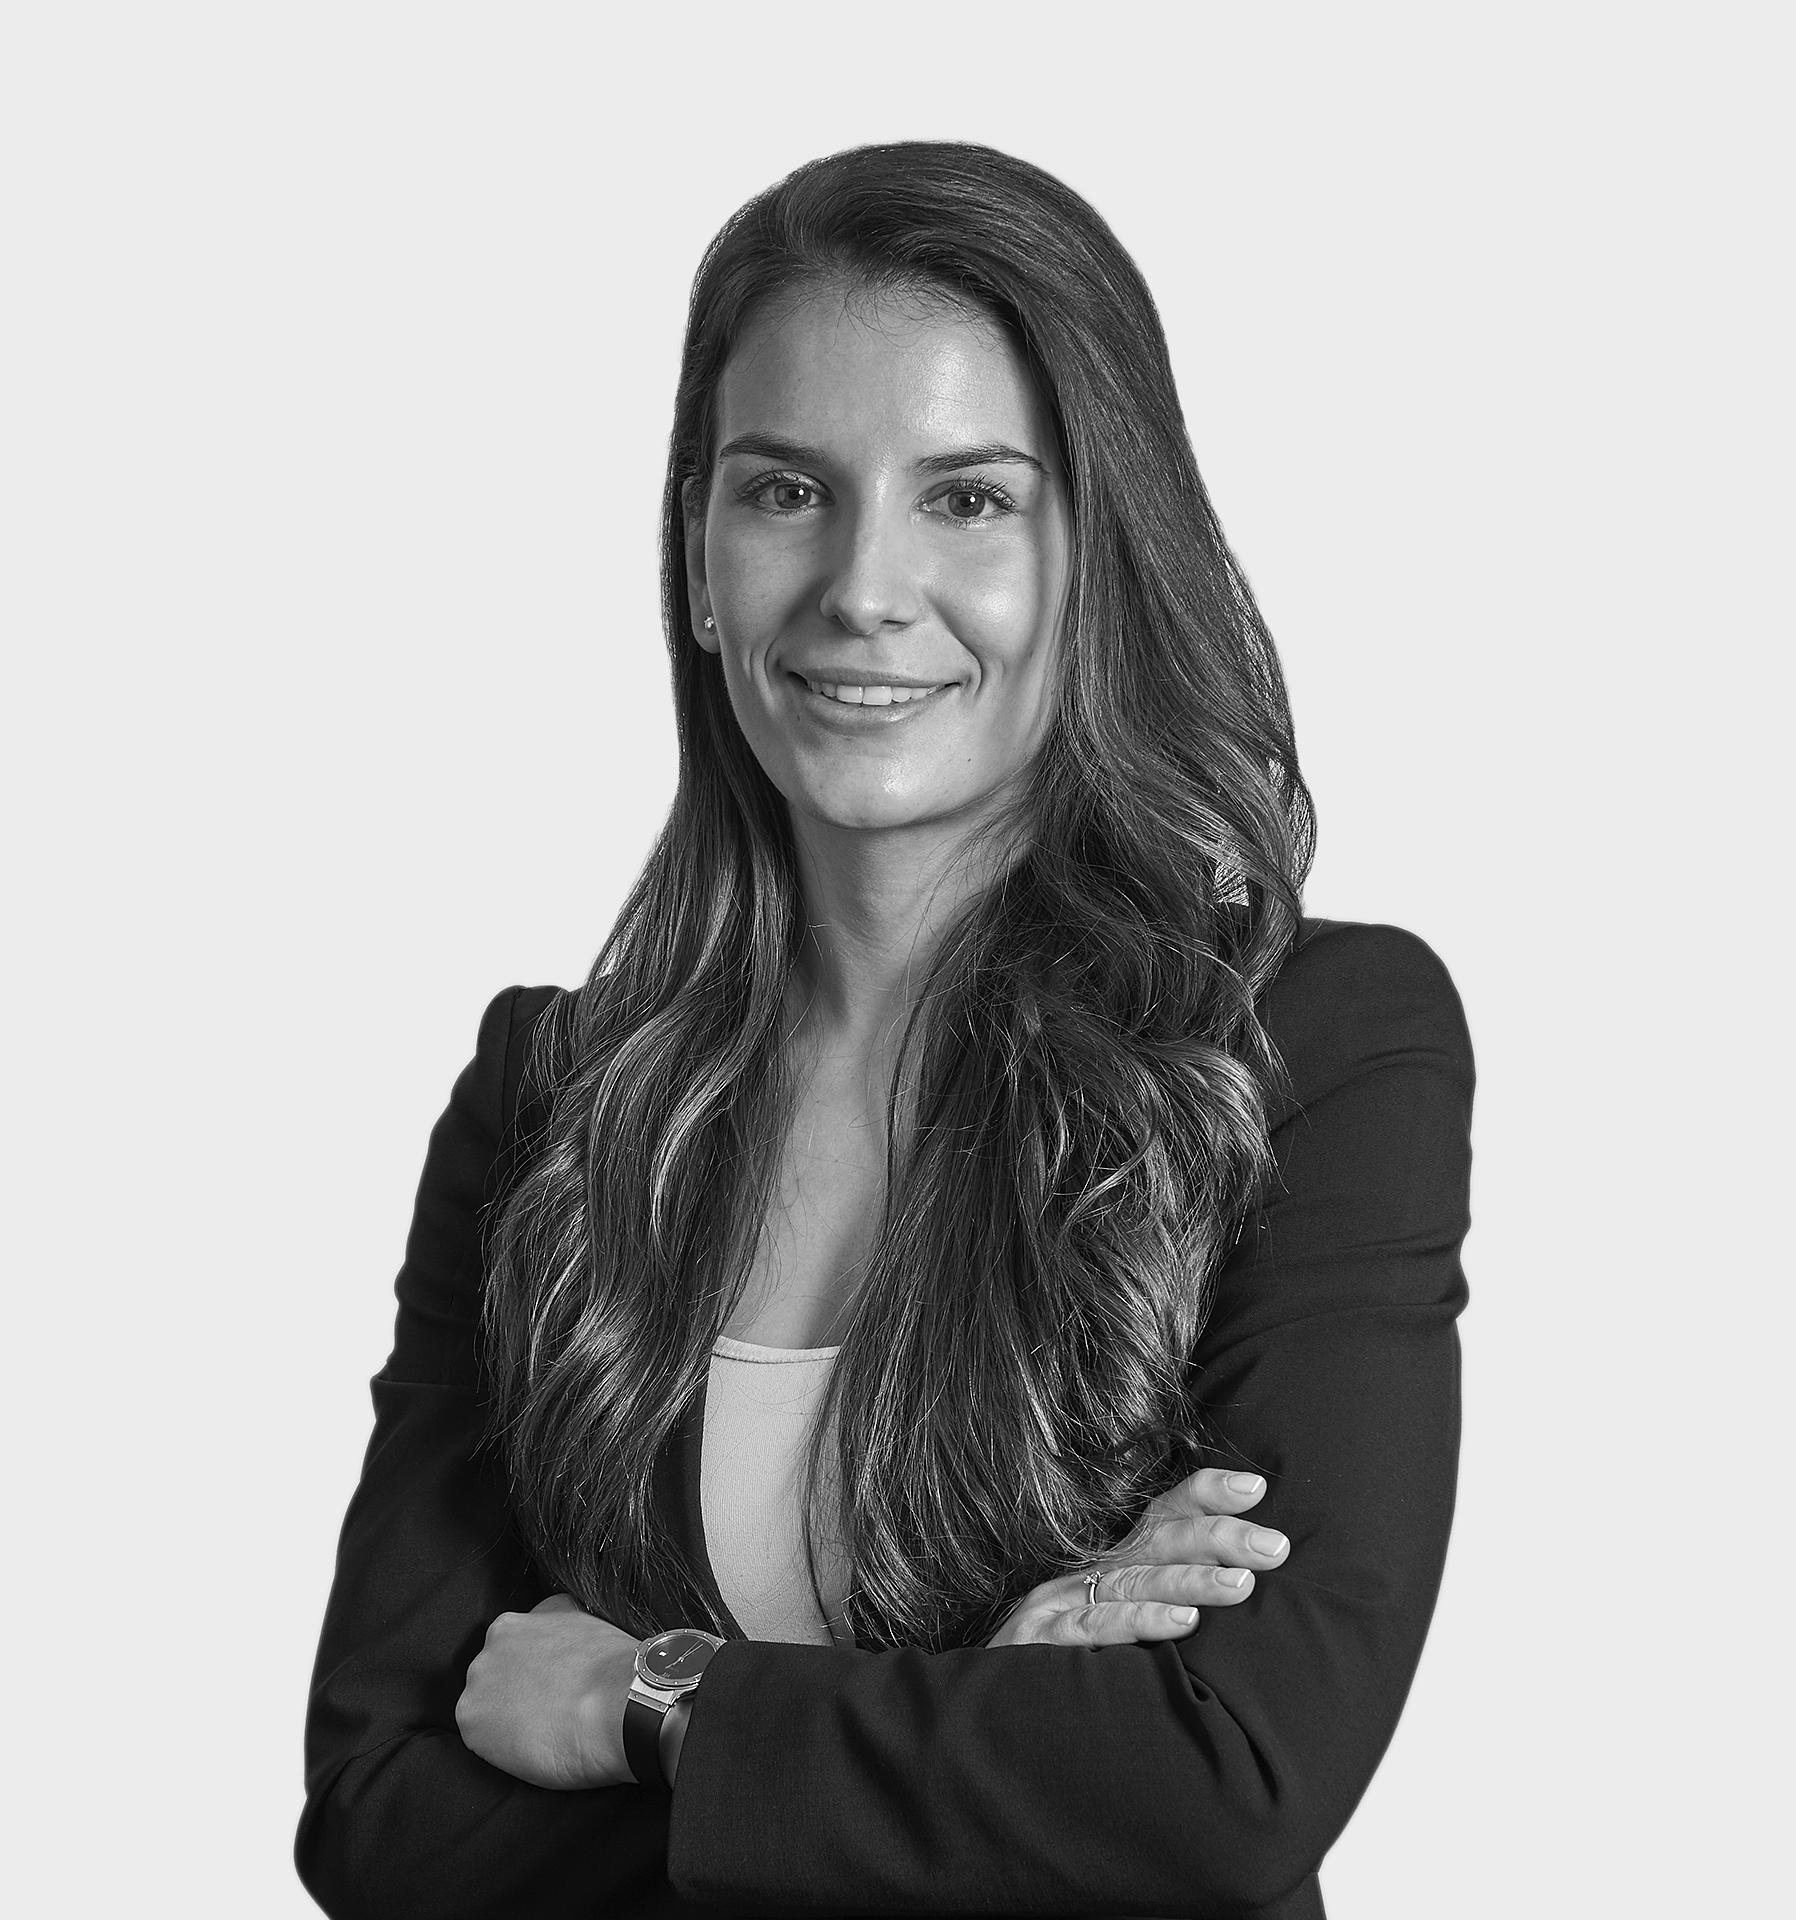 Anna Núñez